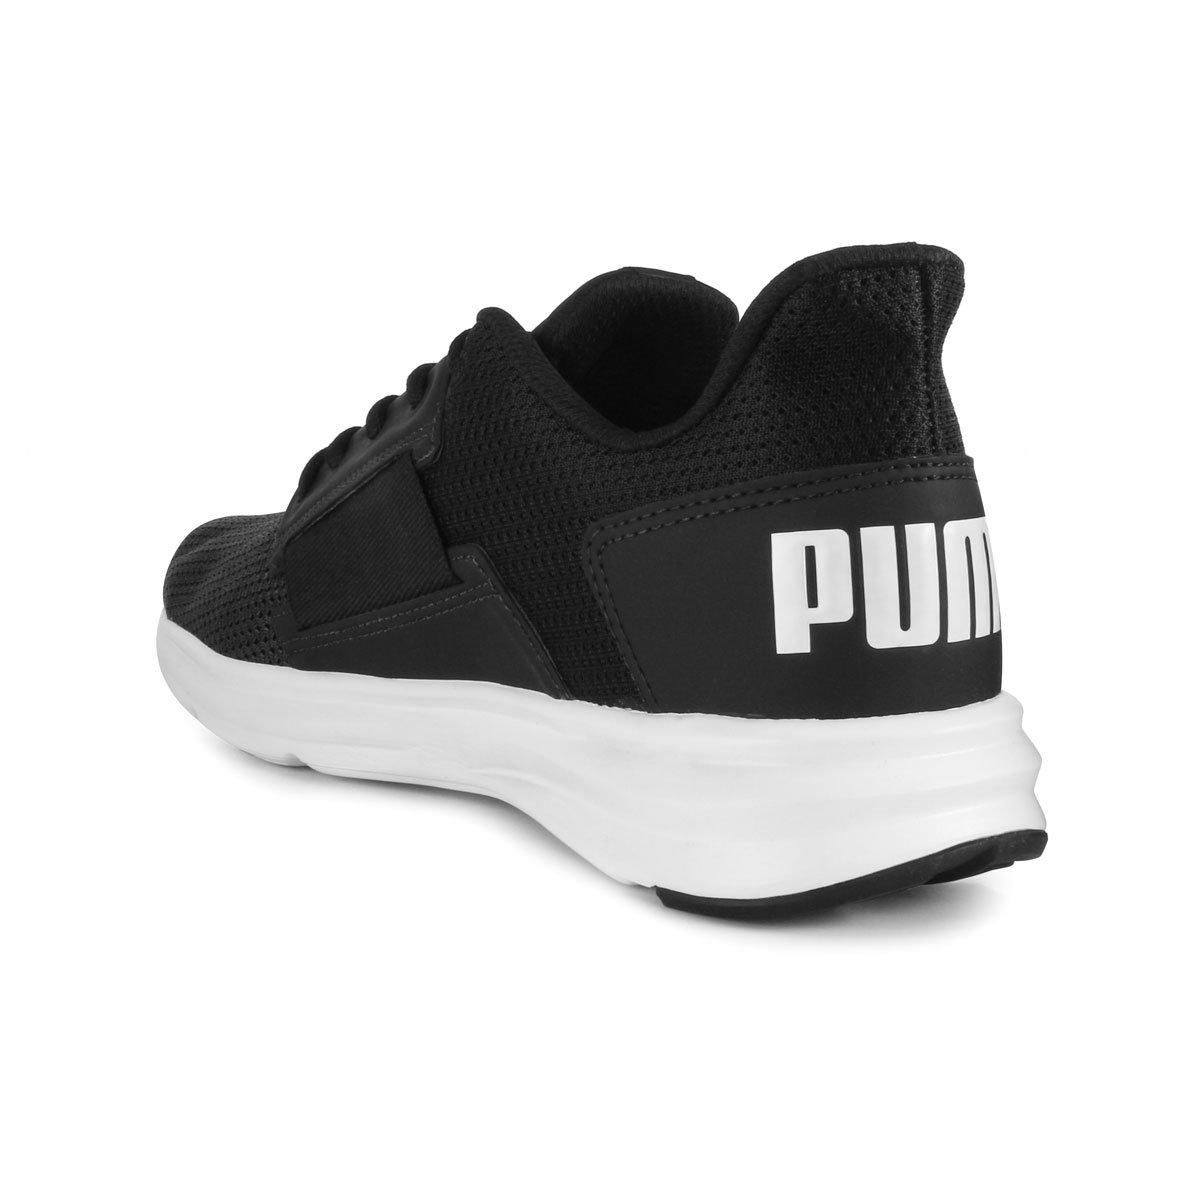 ea8af663cc Tênis Puma Enzo Street Masculino - Preto e Branco - Compre Agora ...